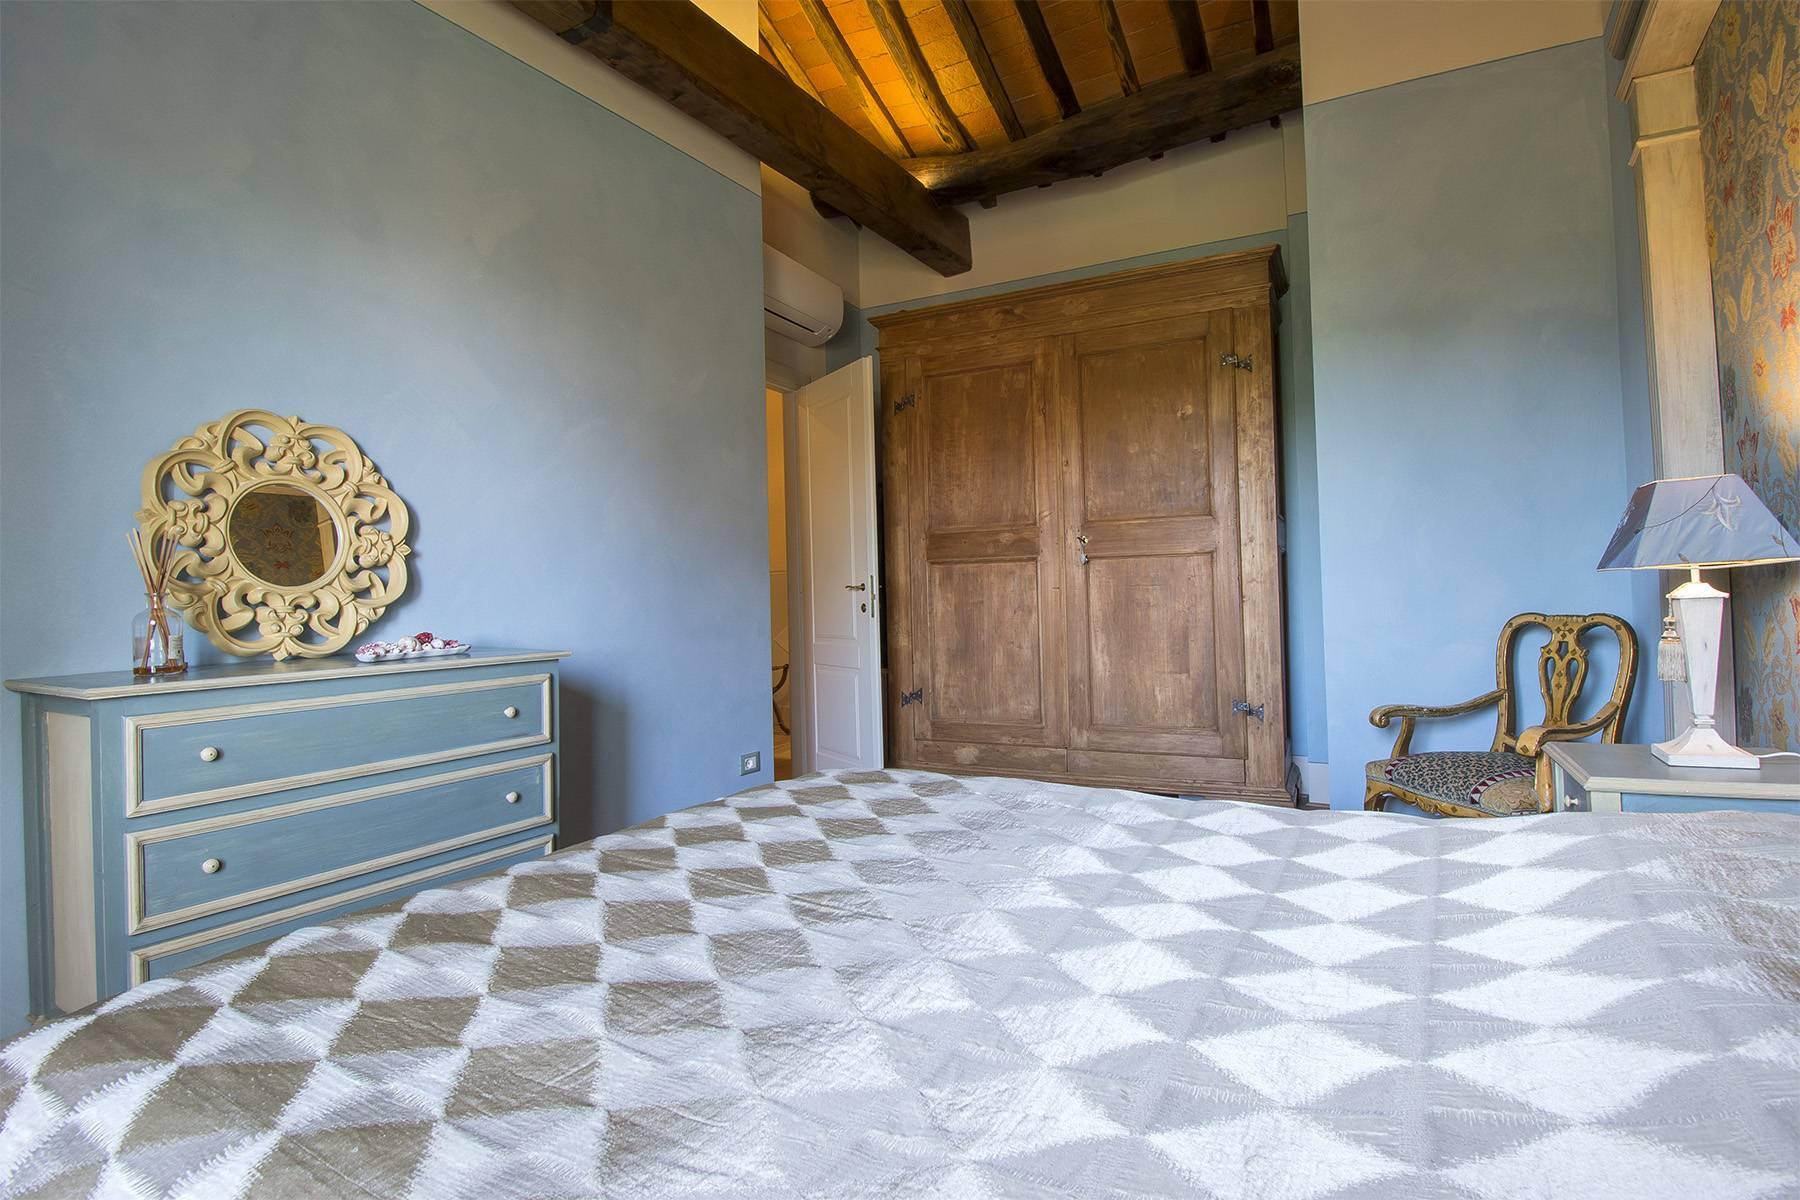 Casa indipendente in Vendita a Lucca: 5 locali, 130 mq - Foto 10